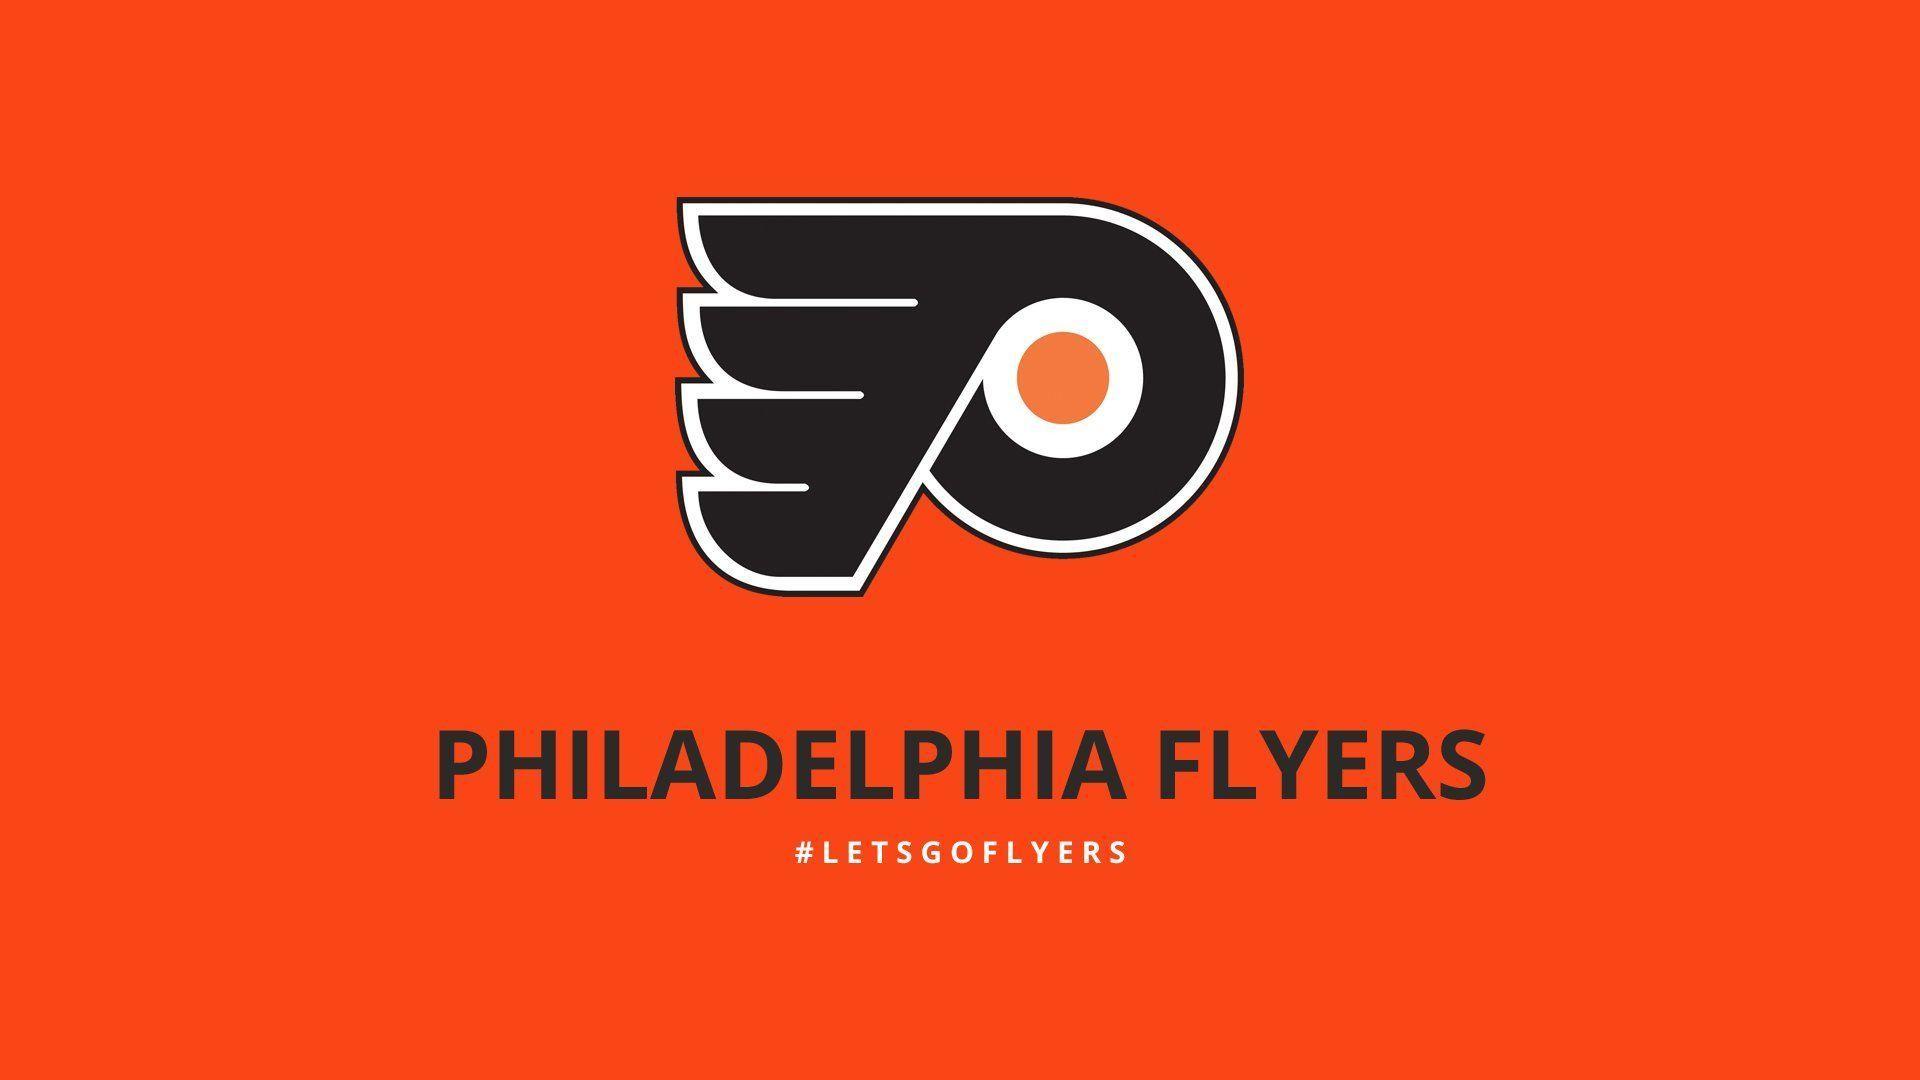 Philadelphia Flyers Desktop Wallpaper the best 62 images in 2018 1920x1080